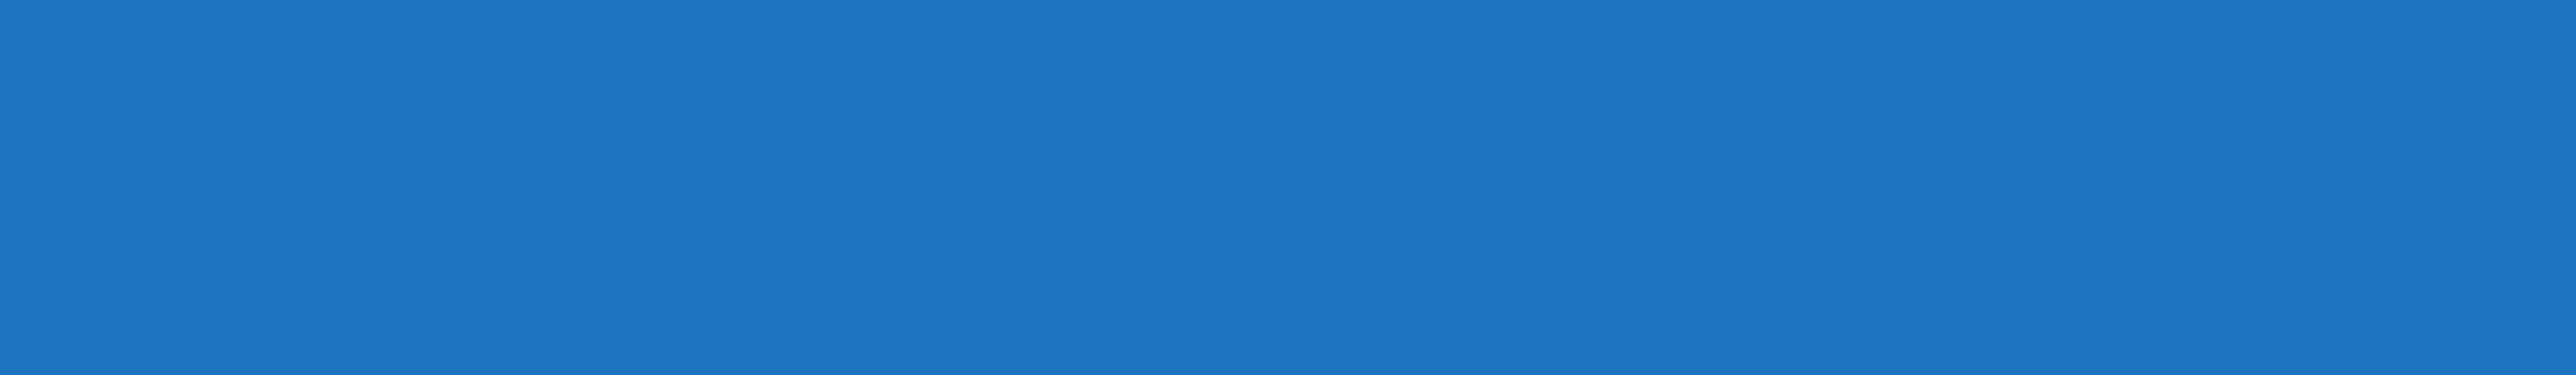 lijnblue-bodyprocess